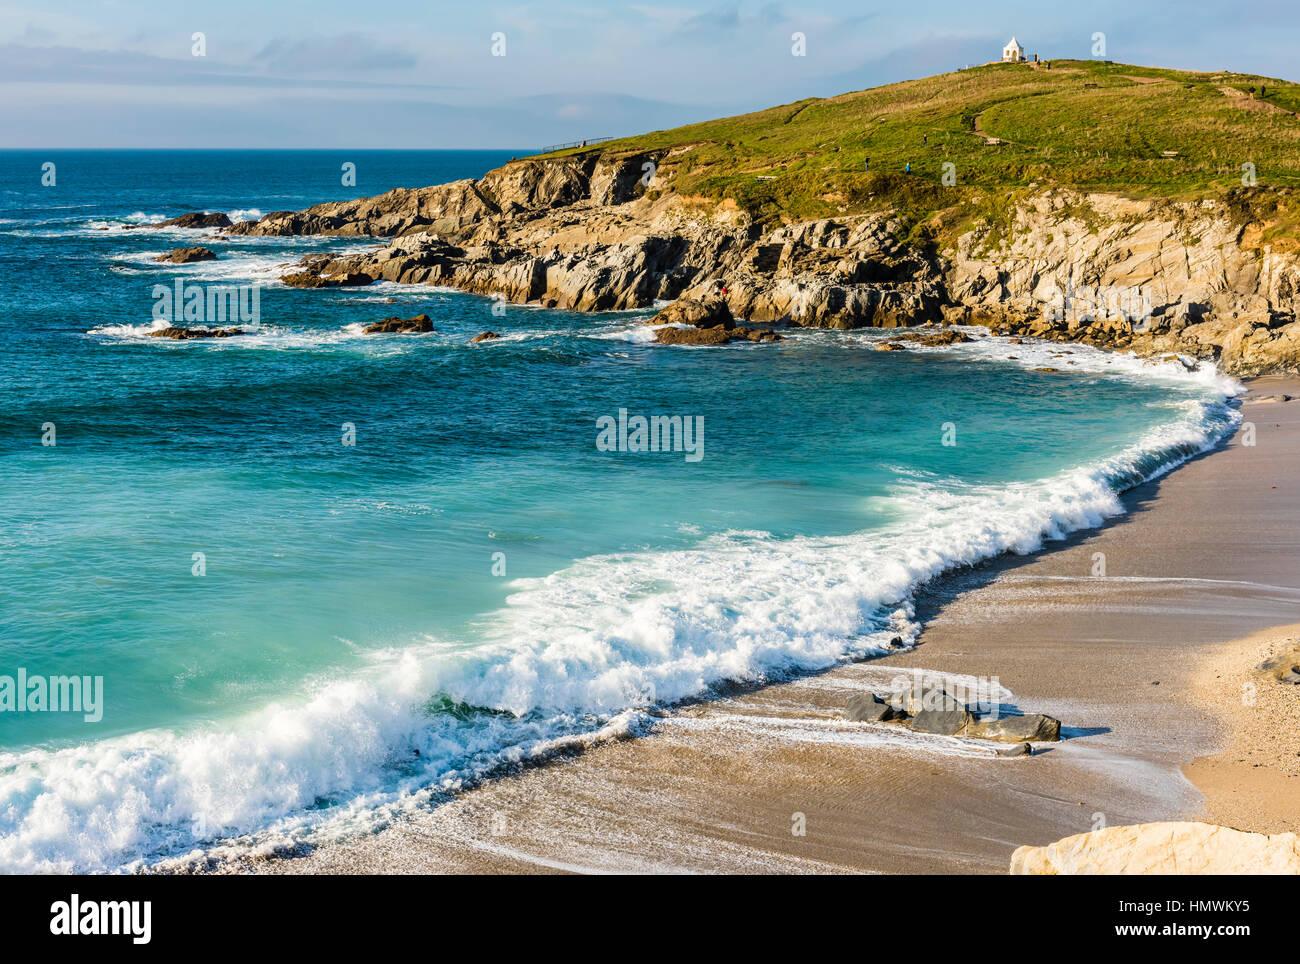 Crashing waves at Fistral Beach, Newquay, Cornwall, UK - Stock Image